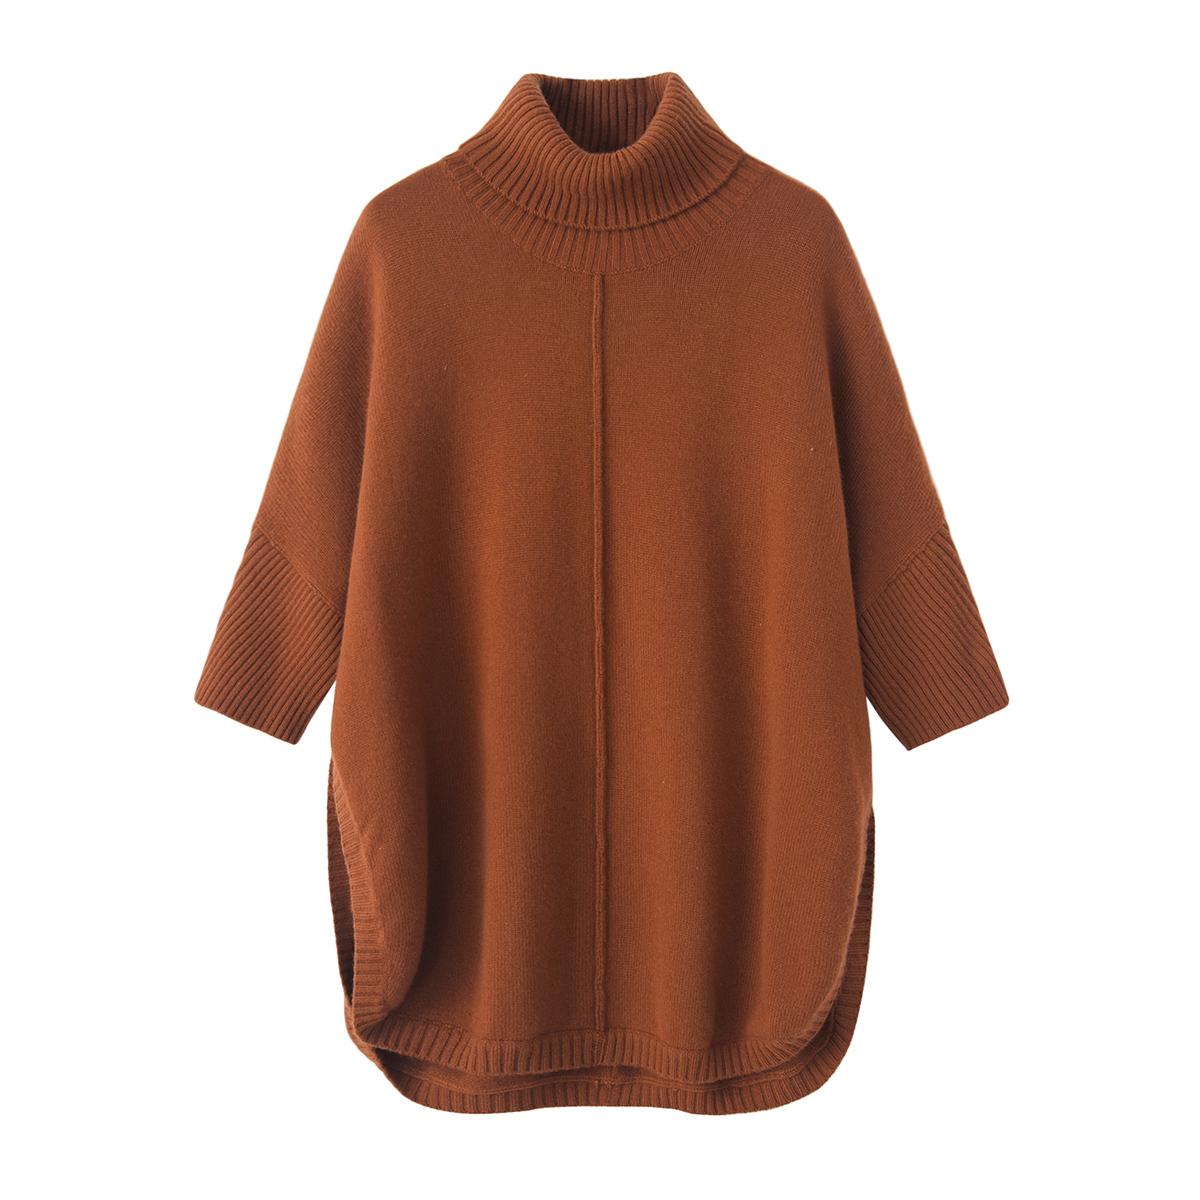 秋冬女装羊绒衫女式高领加厚中长款斗篷宽松针织连衣裙时尚毛衣裙